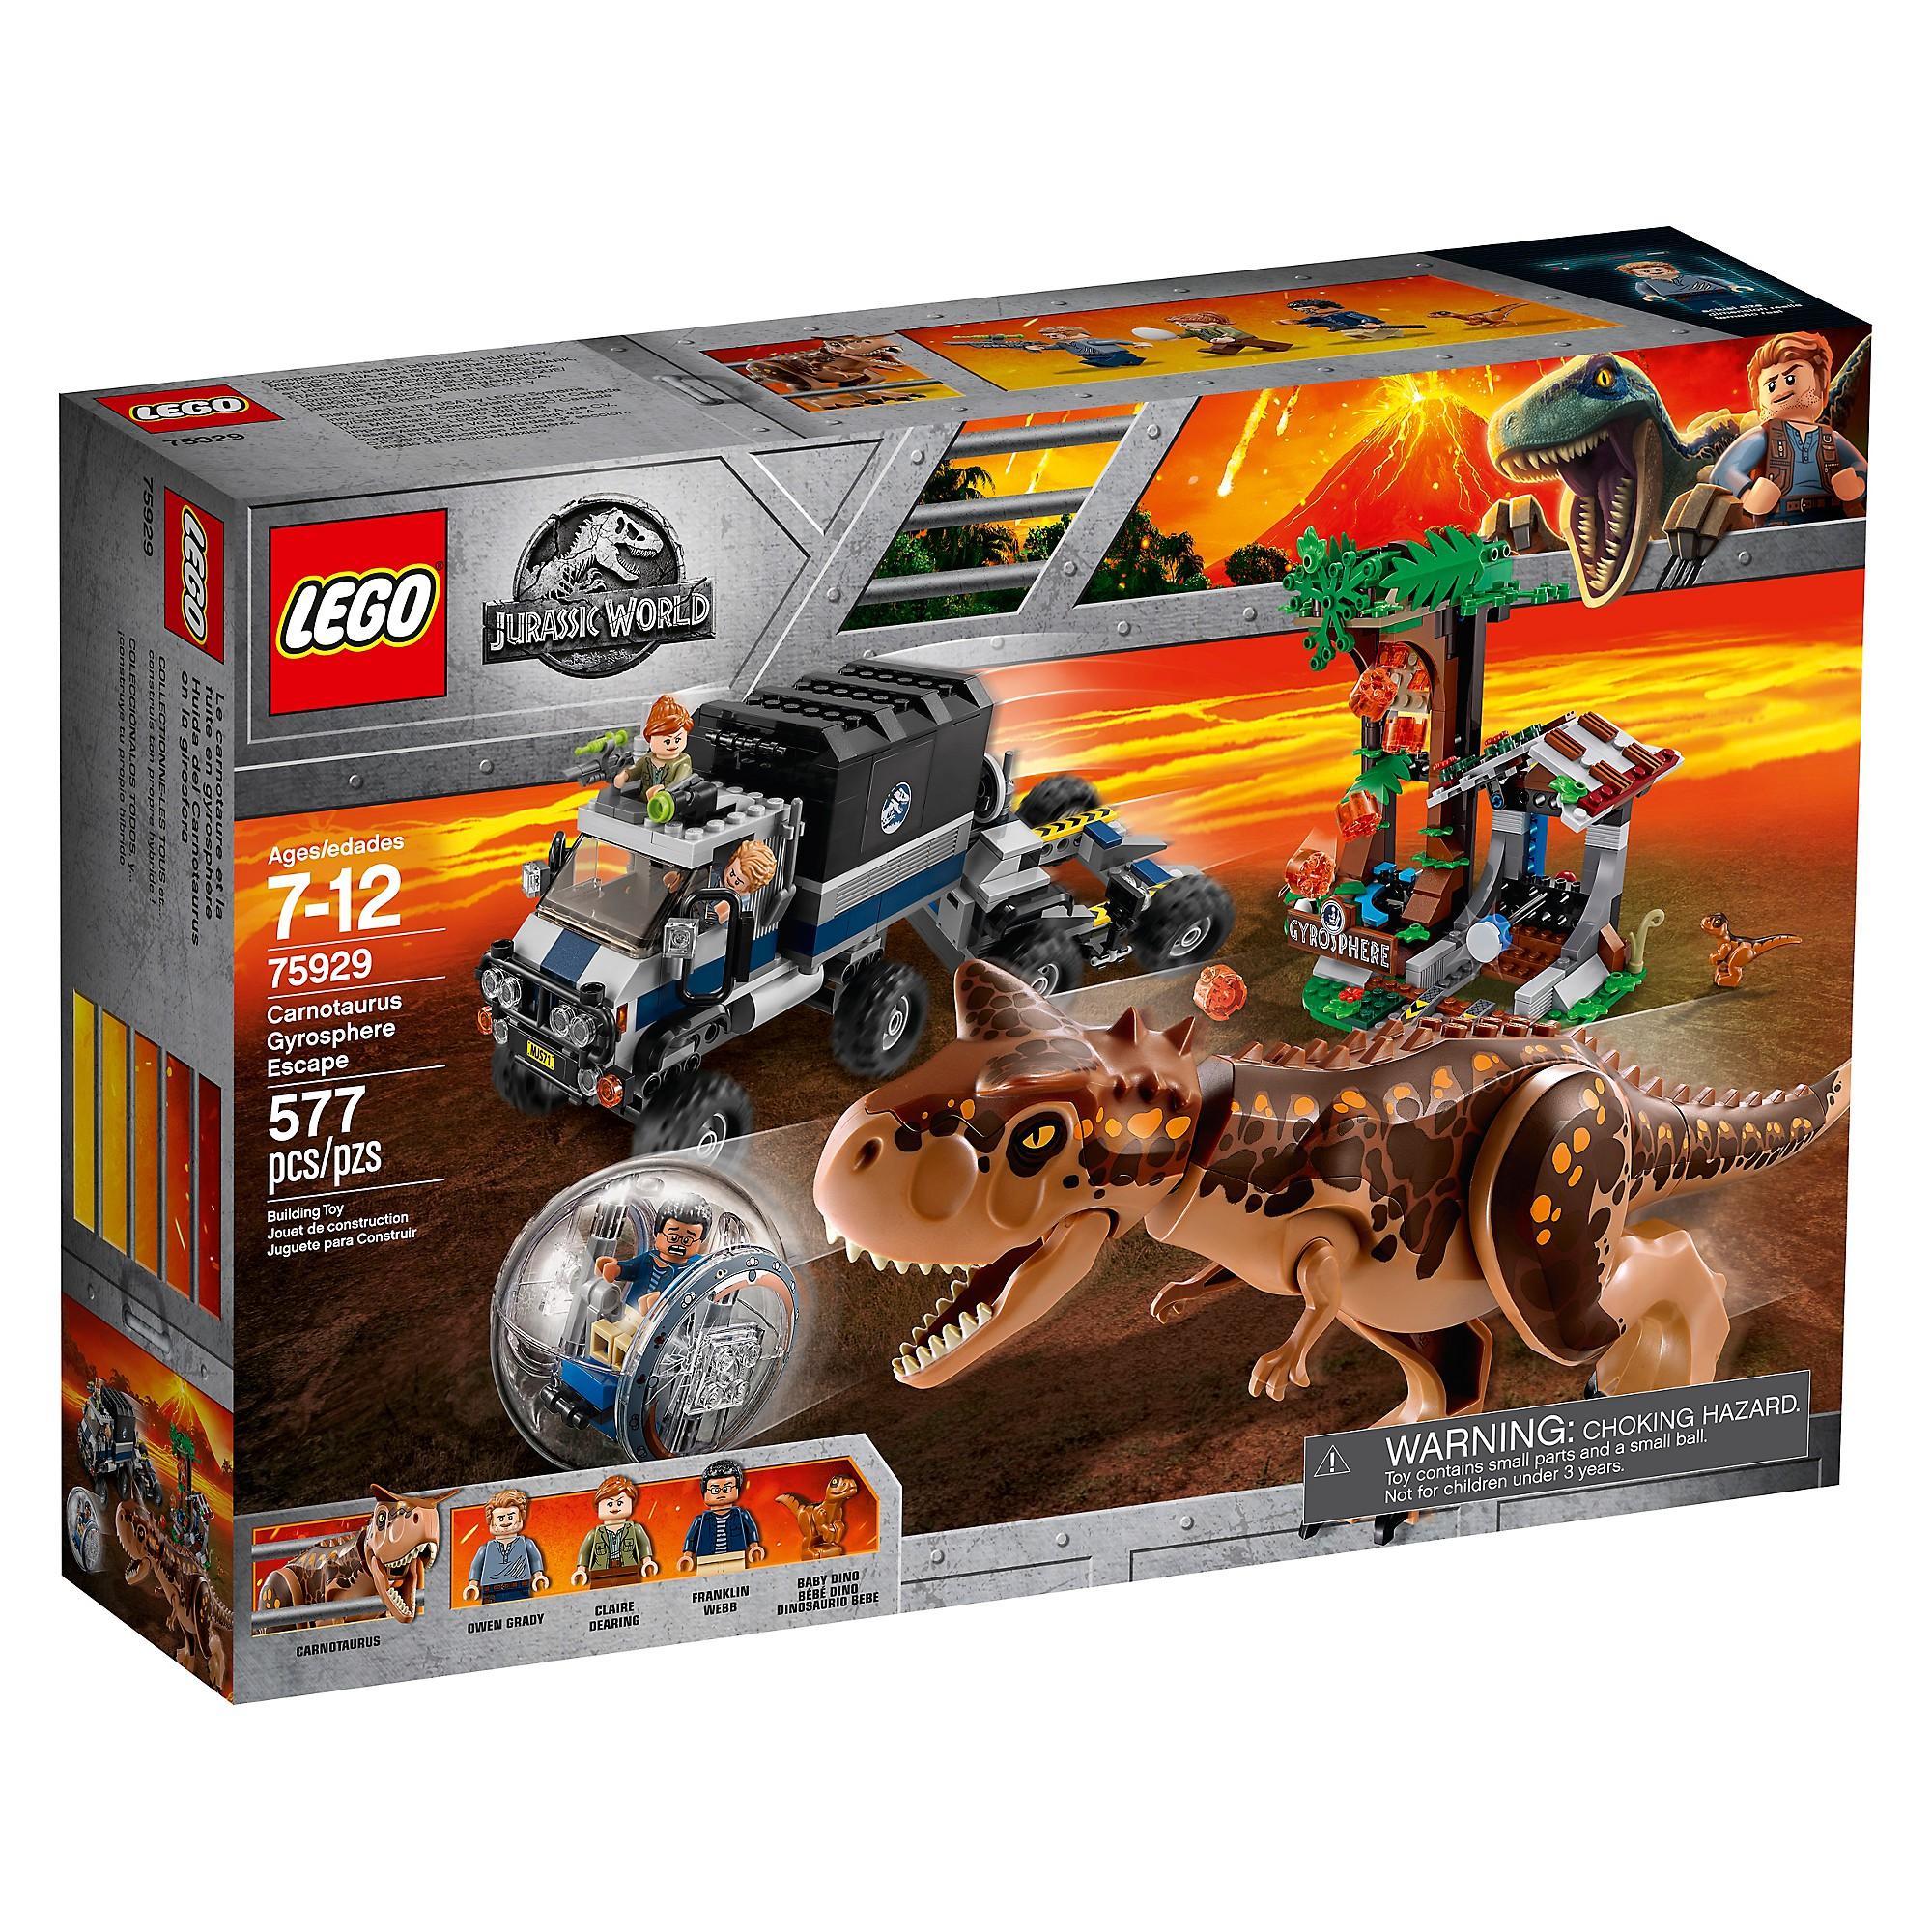 LEGO 75929 Le Carnotaurus et la fuite en Gyrosphère